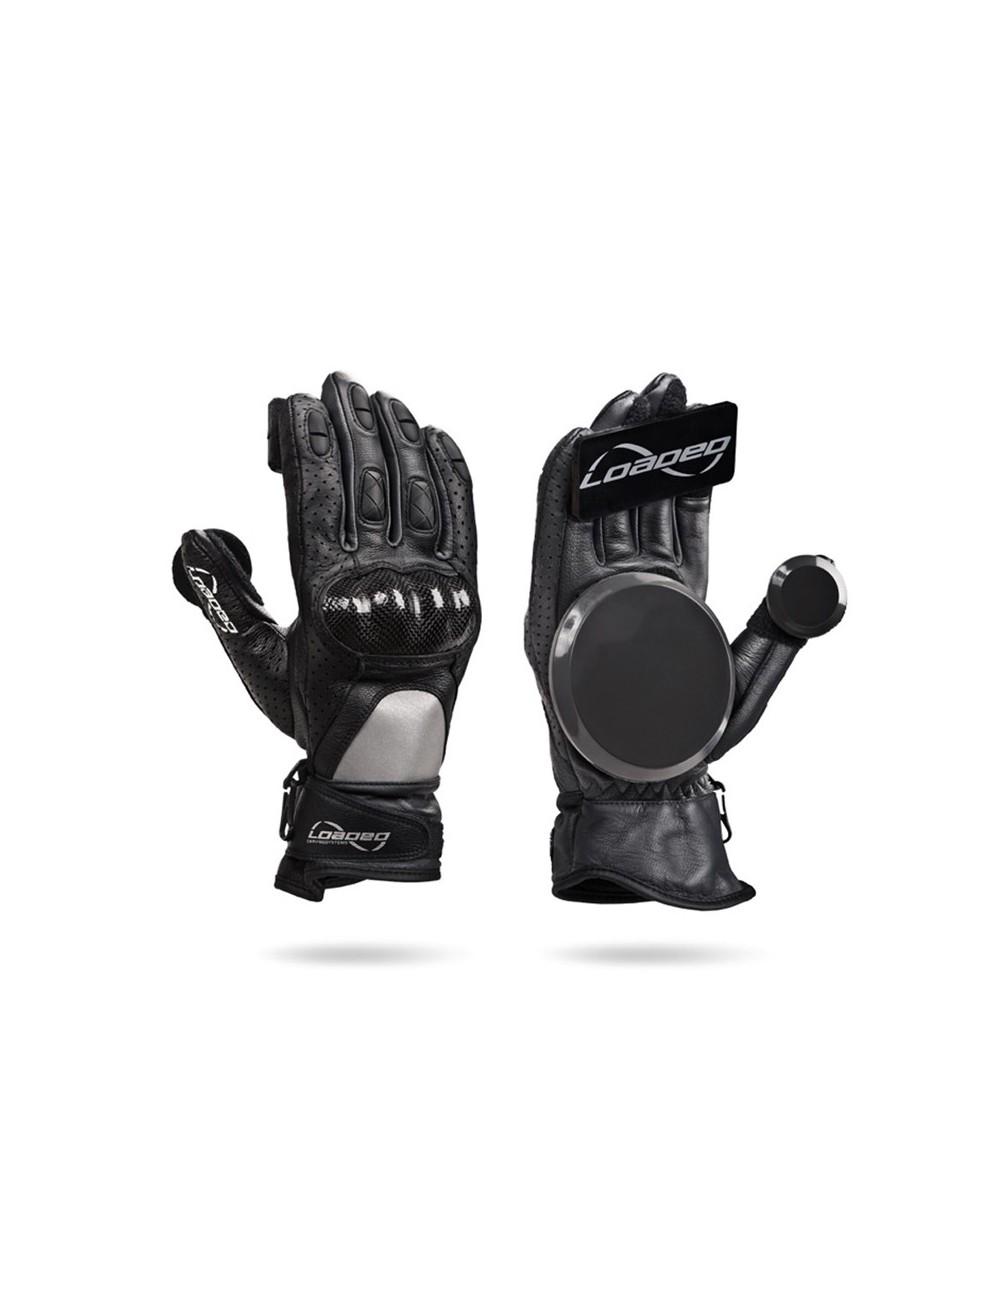 Loaded Race Gloves v.2 Guantes